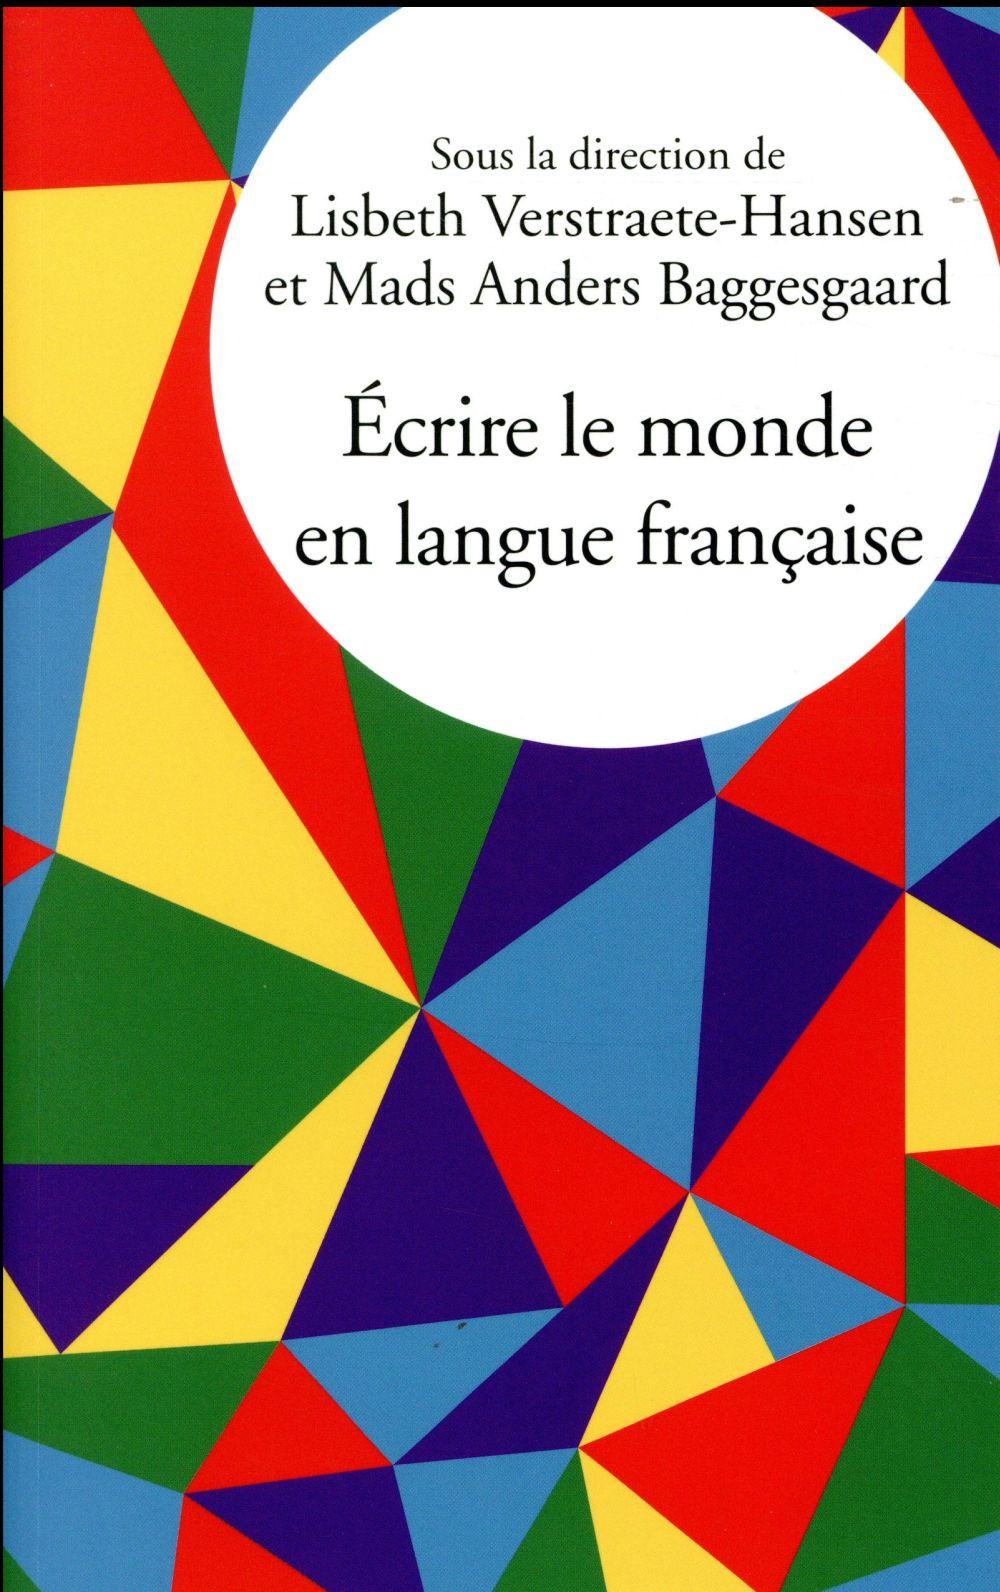 écrire le monde en langue française